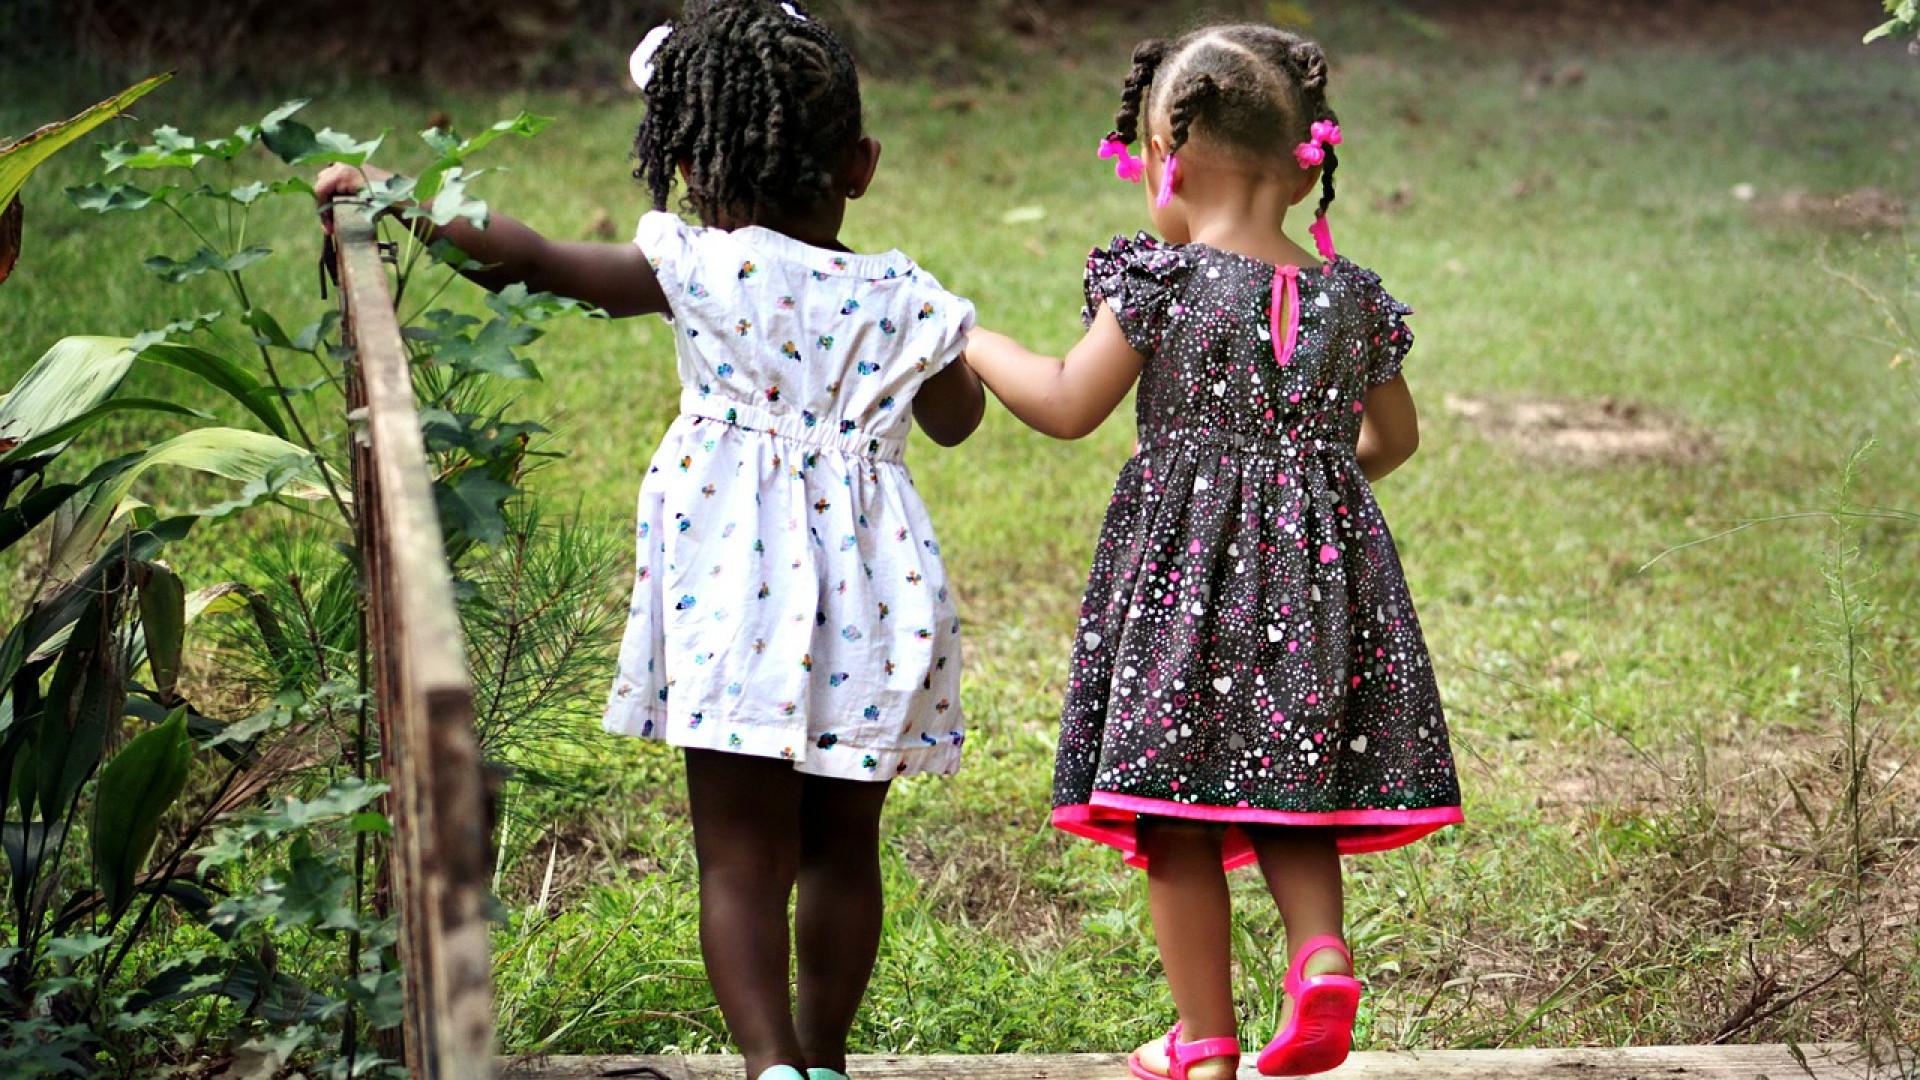 La petite enfance, un secteur économique en plein développement